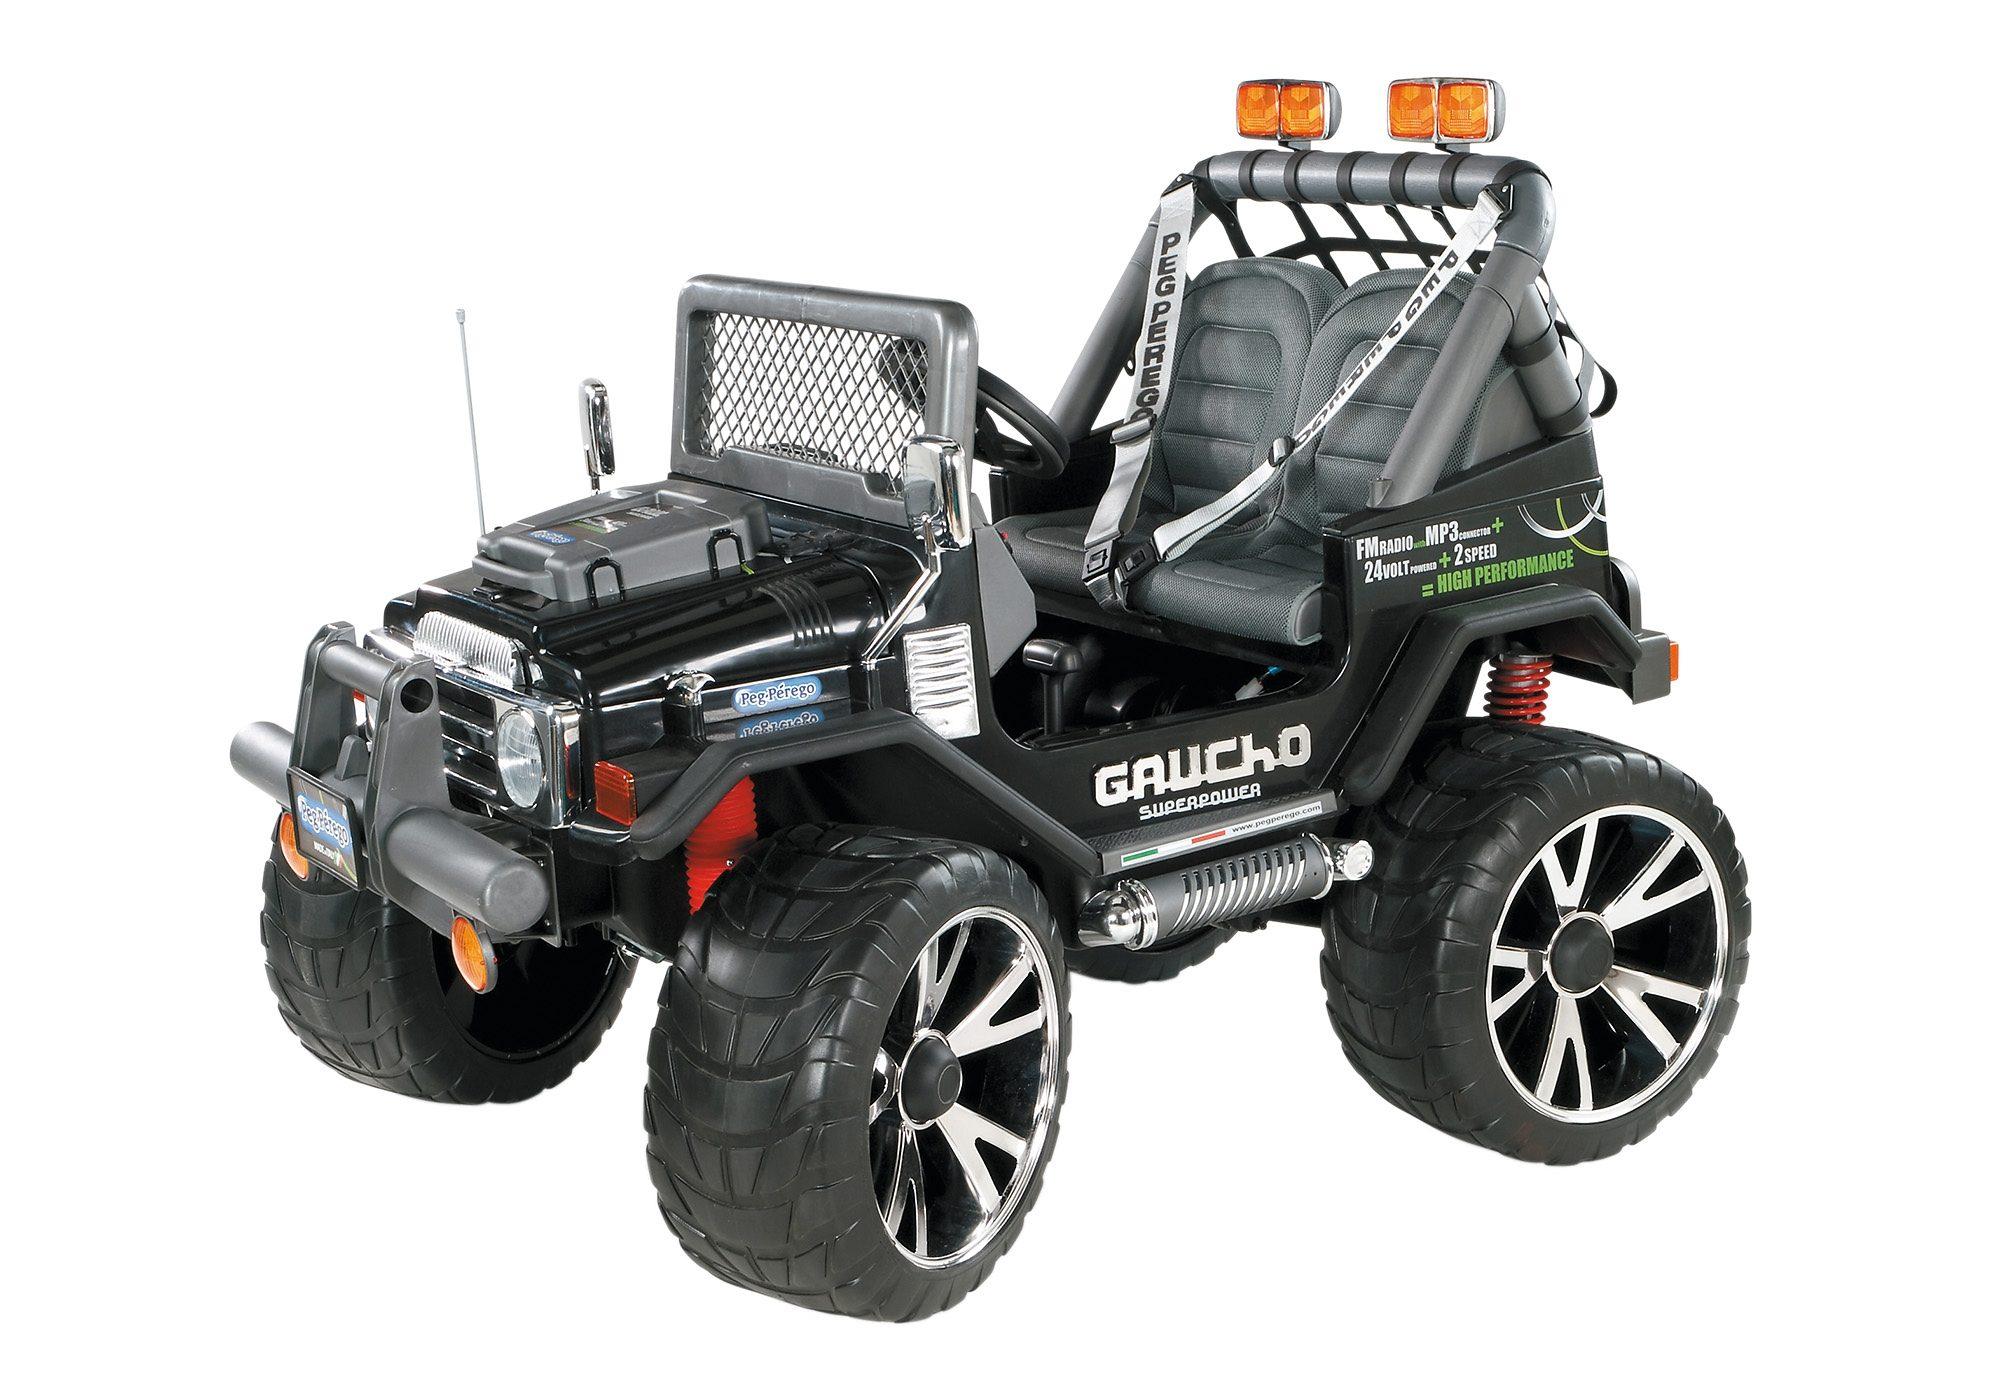 Peg-Pérego Elektrofahrzeug für Kinder Zweisitzer, »Gaucho Superpower - 24 Volt«